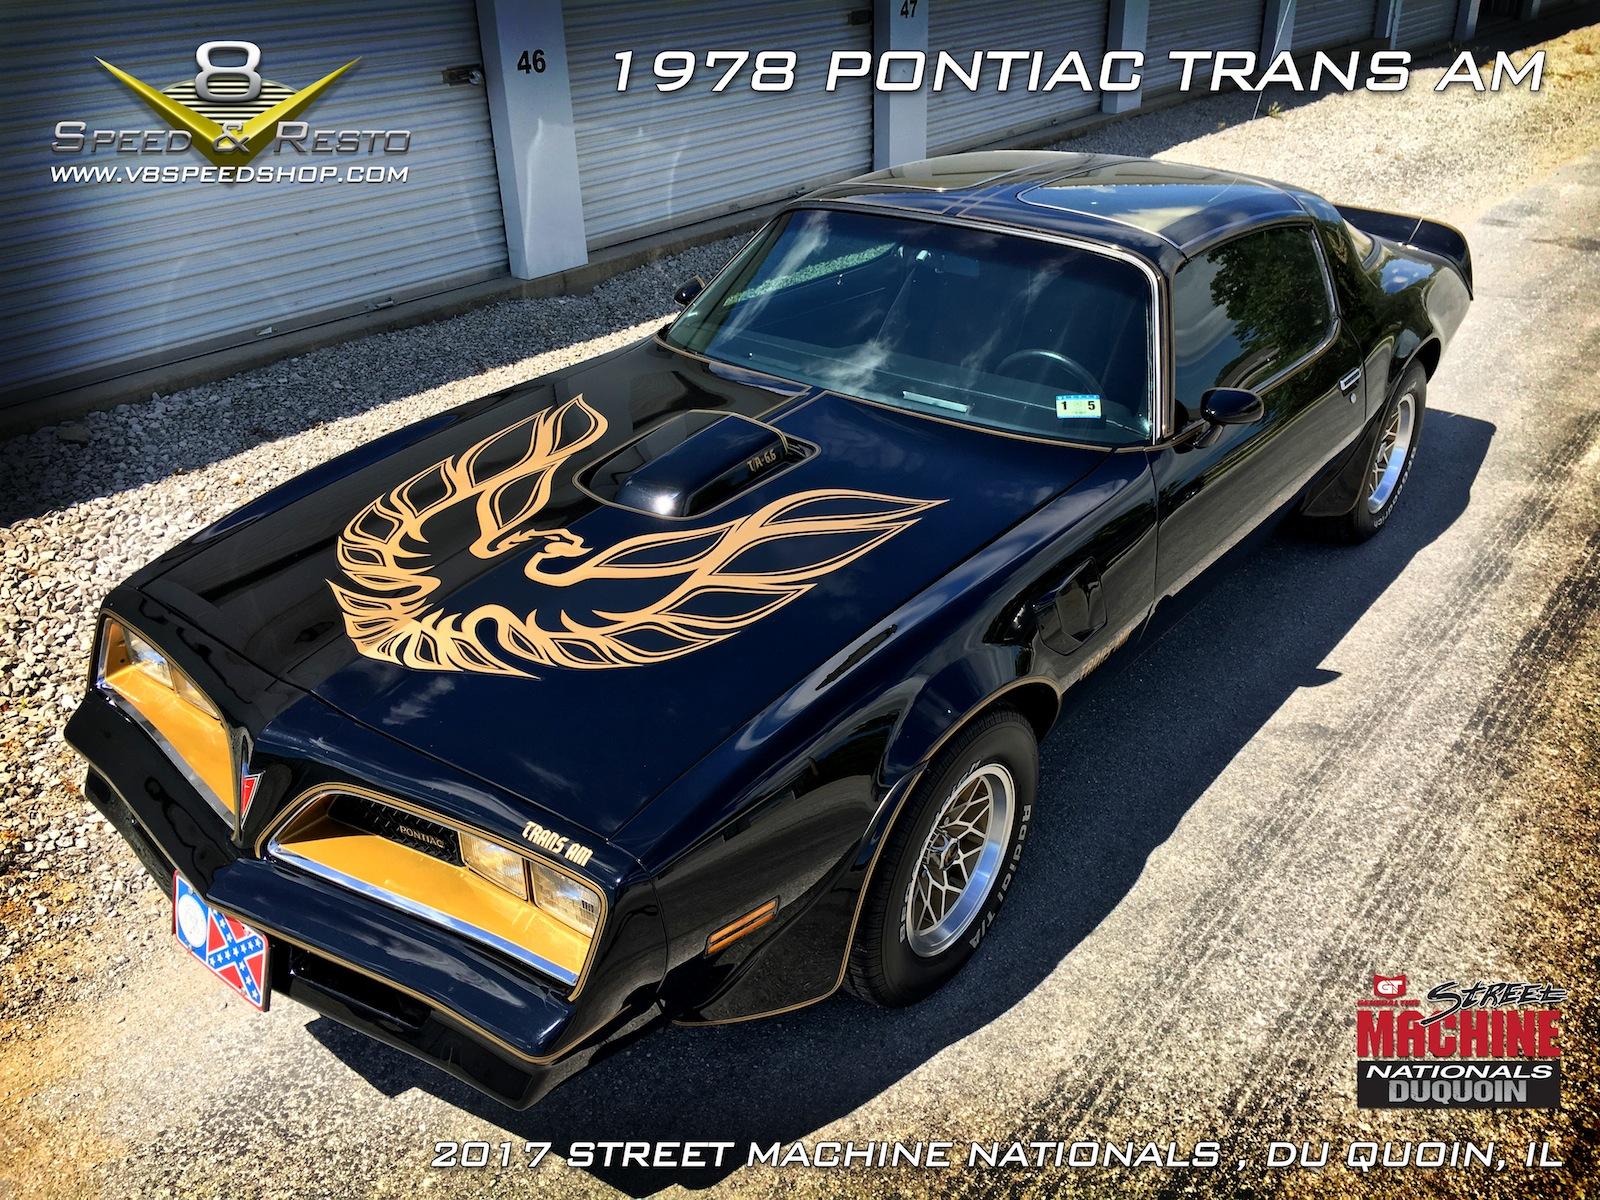 1978 Pontiac Trans Am V8 Speed And Resto DuQuoin